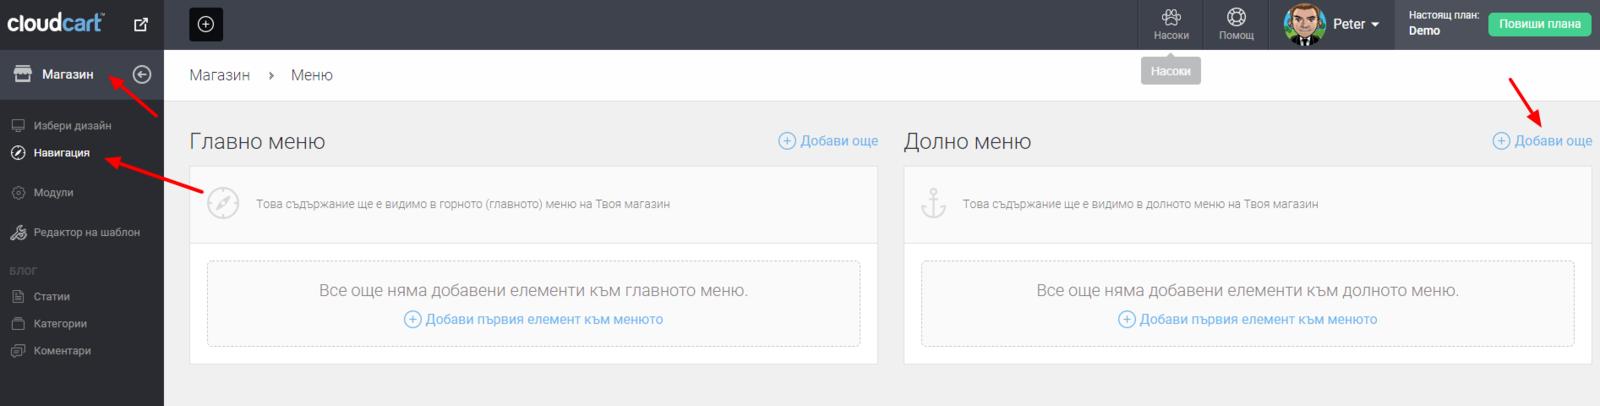 Панел за създаване на линкове в долното footer меню към служебни страници